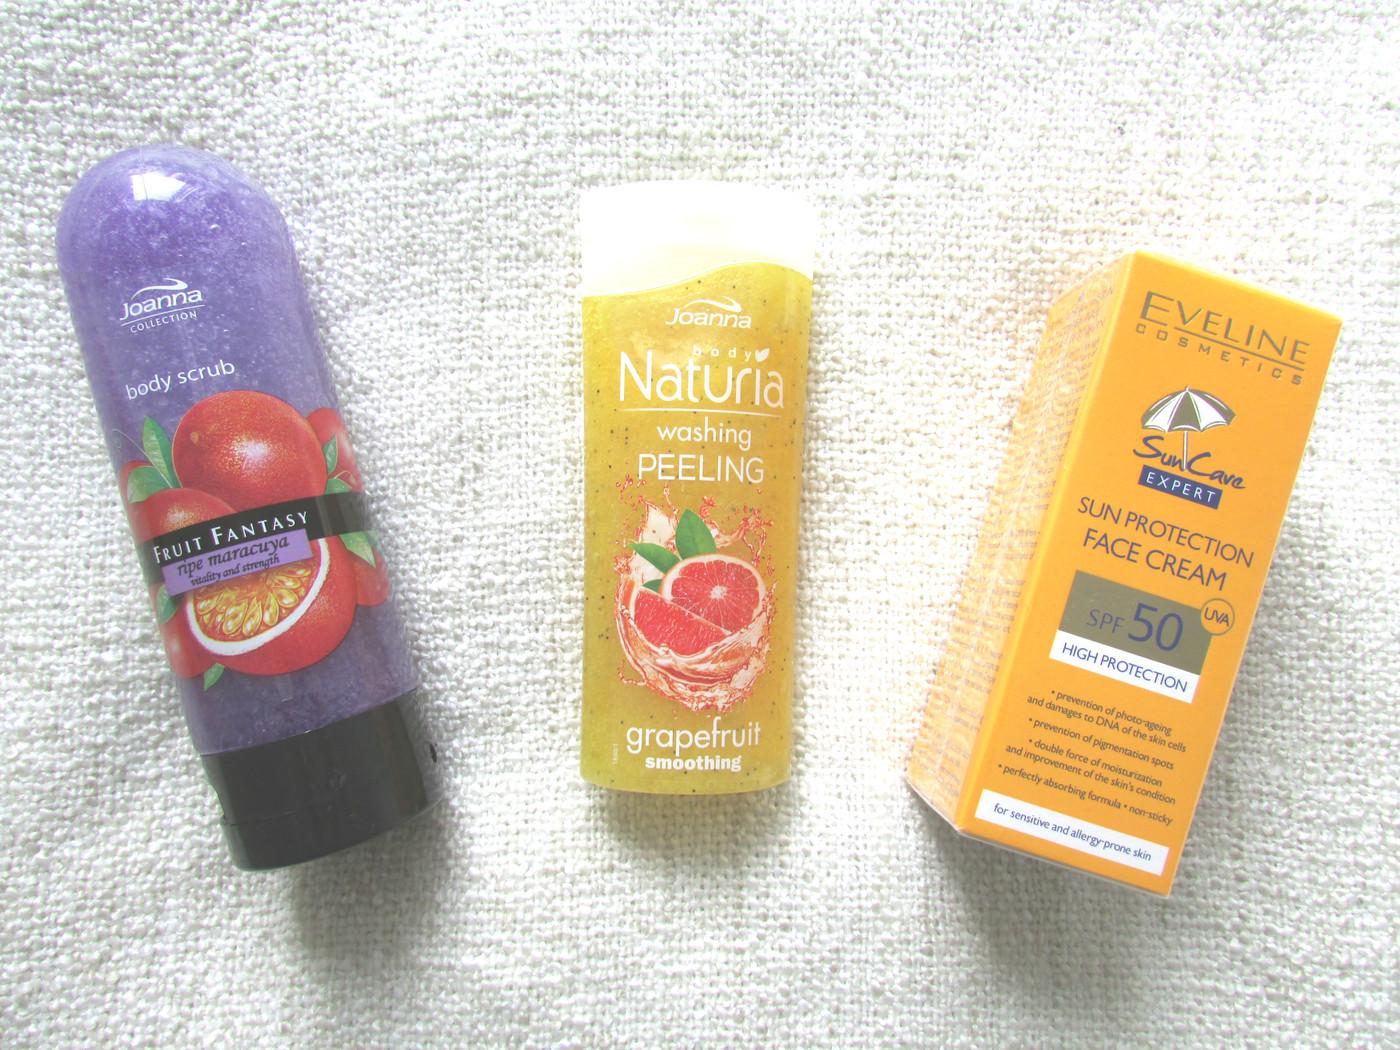 Budapestin ostokset: kosmetiikka